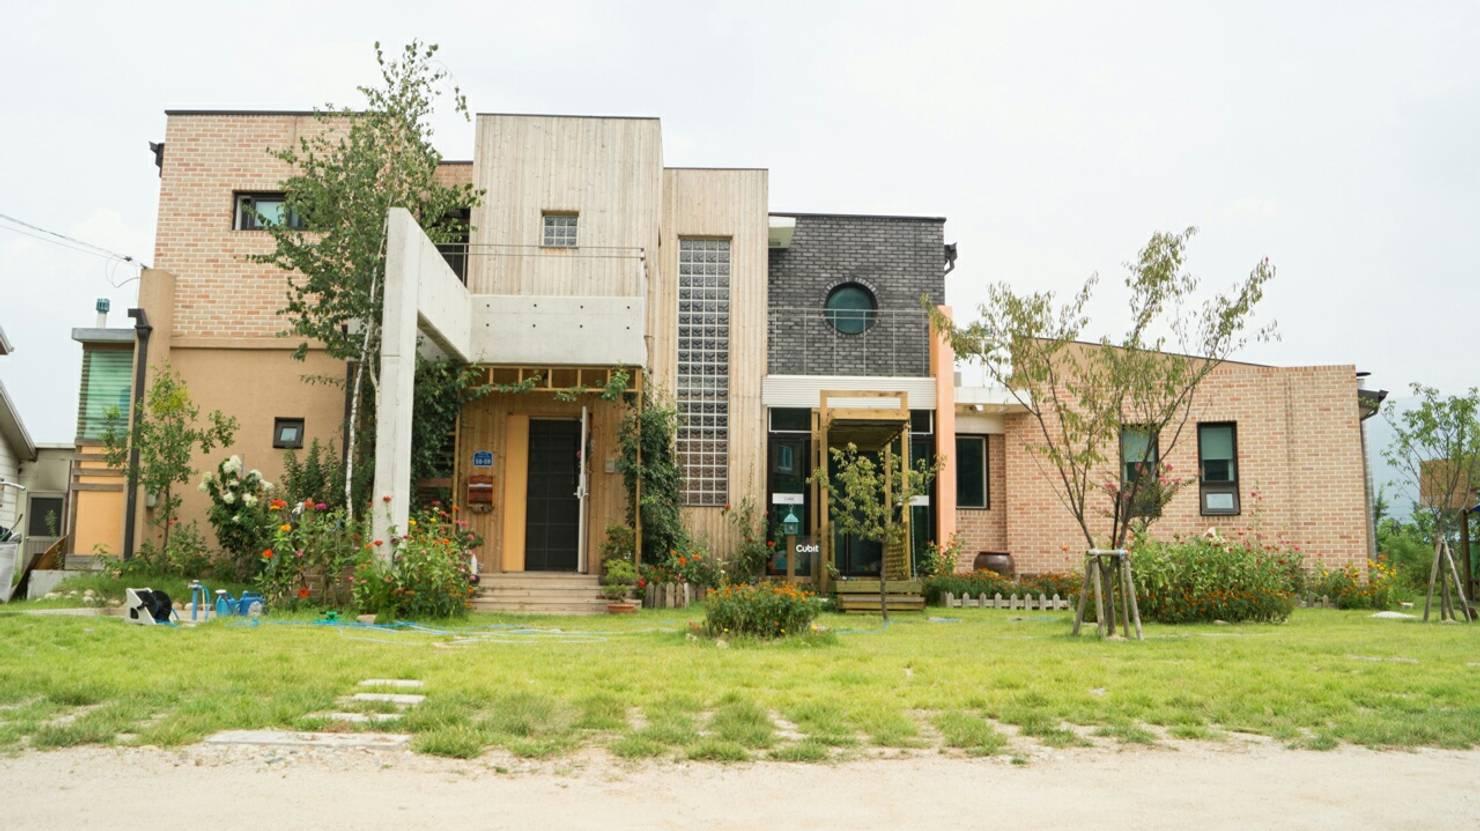 헷갈리는 주택 구조와 공법, 한눈에 알아보기